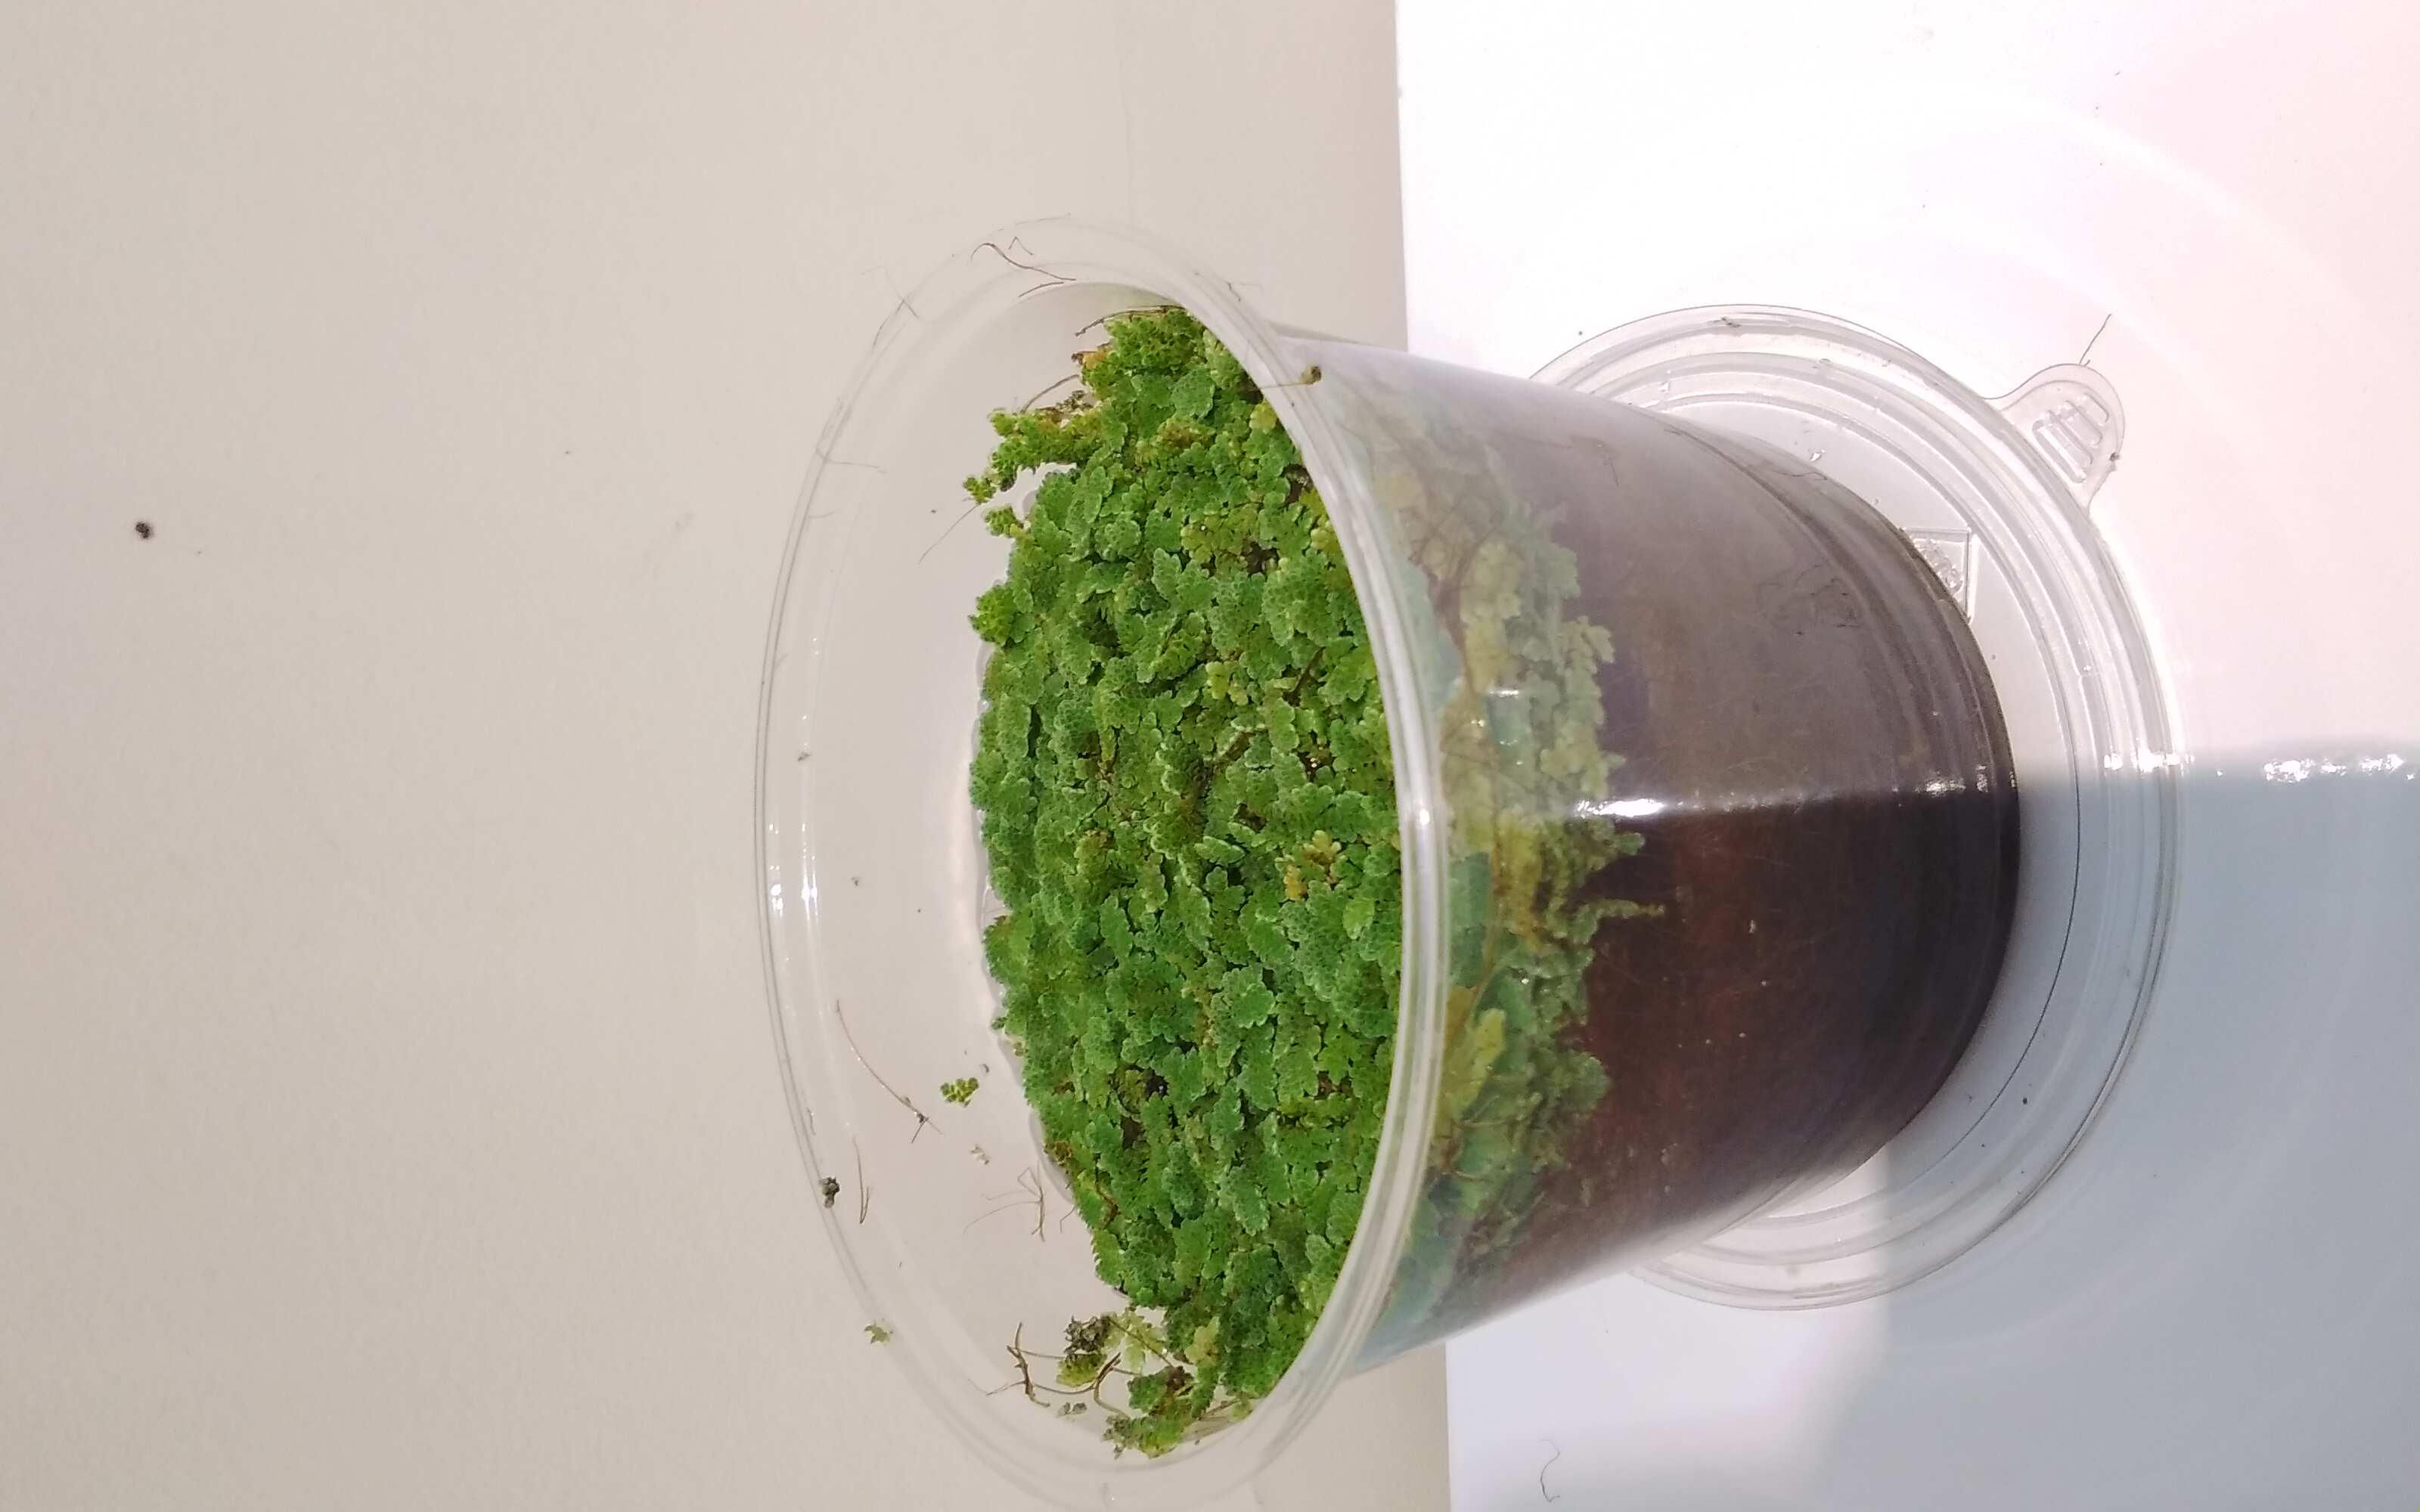 ازولا داخل حوض شفاف نباتات خارجية شجيرات